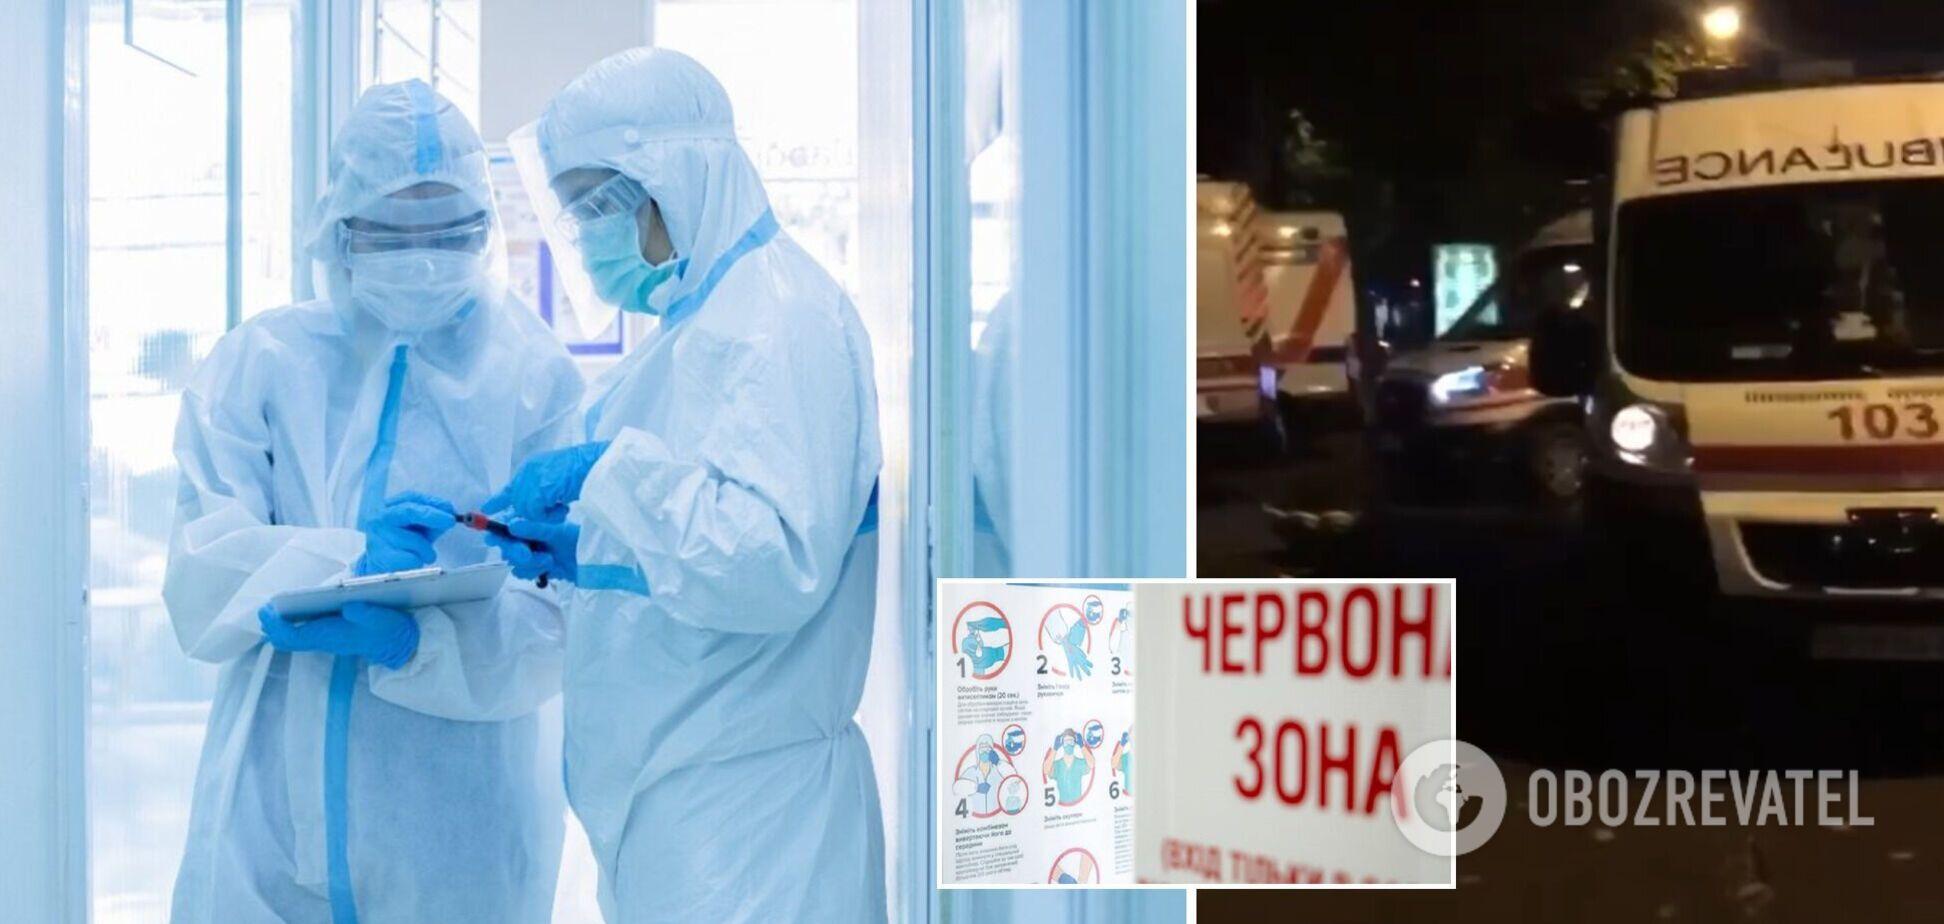 Ситуация критическая: в Одессе под коронавирусной больницей собрались десятки скорых. Видео